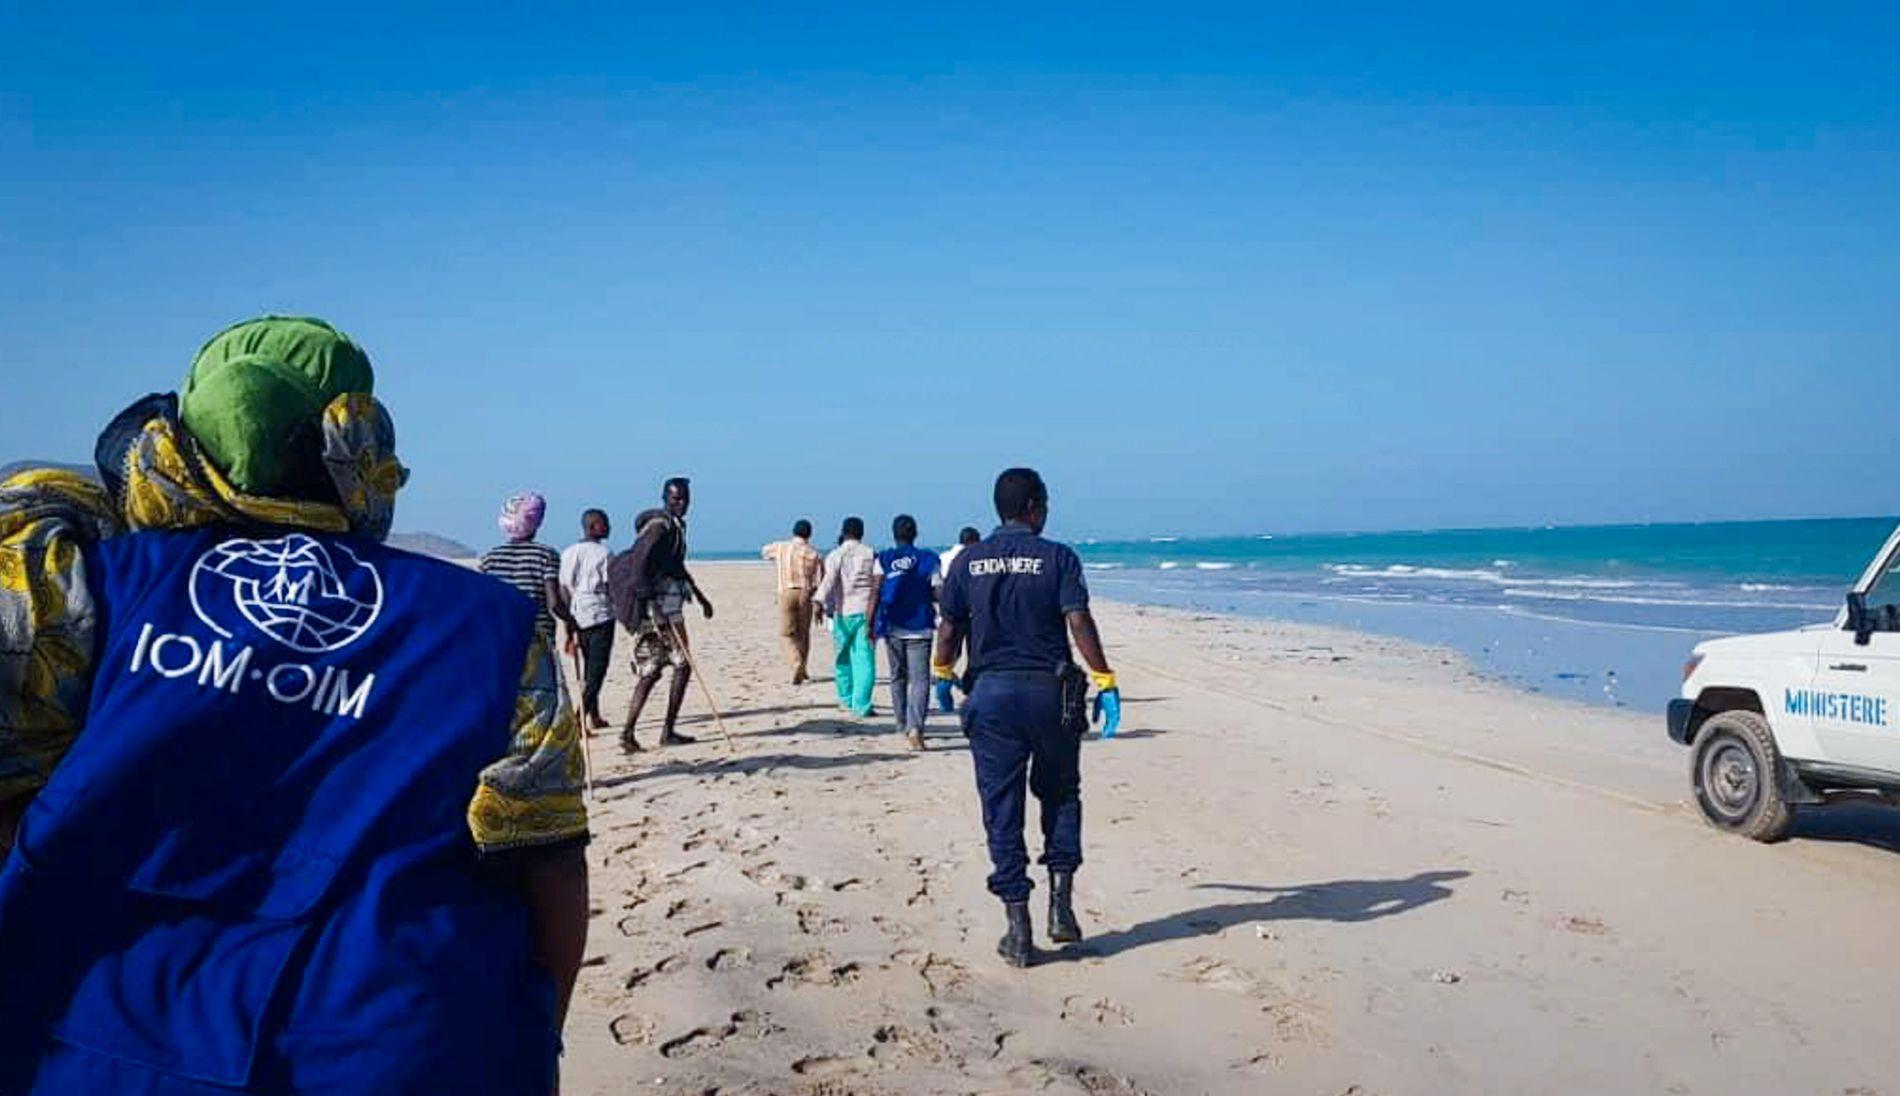 HUMANITÆR KRISE: 52 personer er funnet døde etter to båtforlis utenfor kysten av Djibouti.